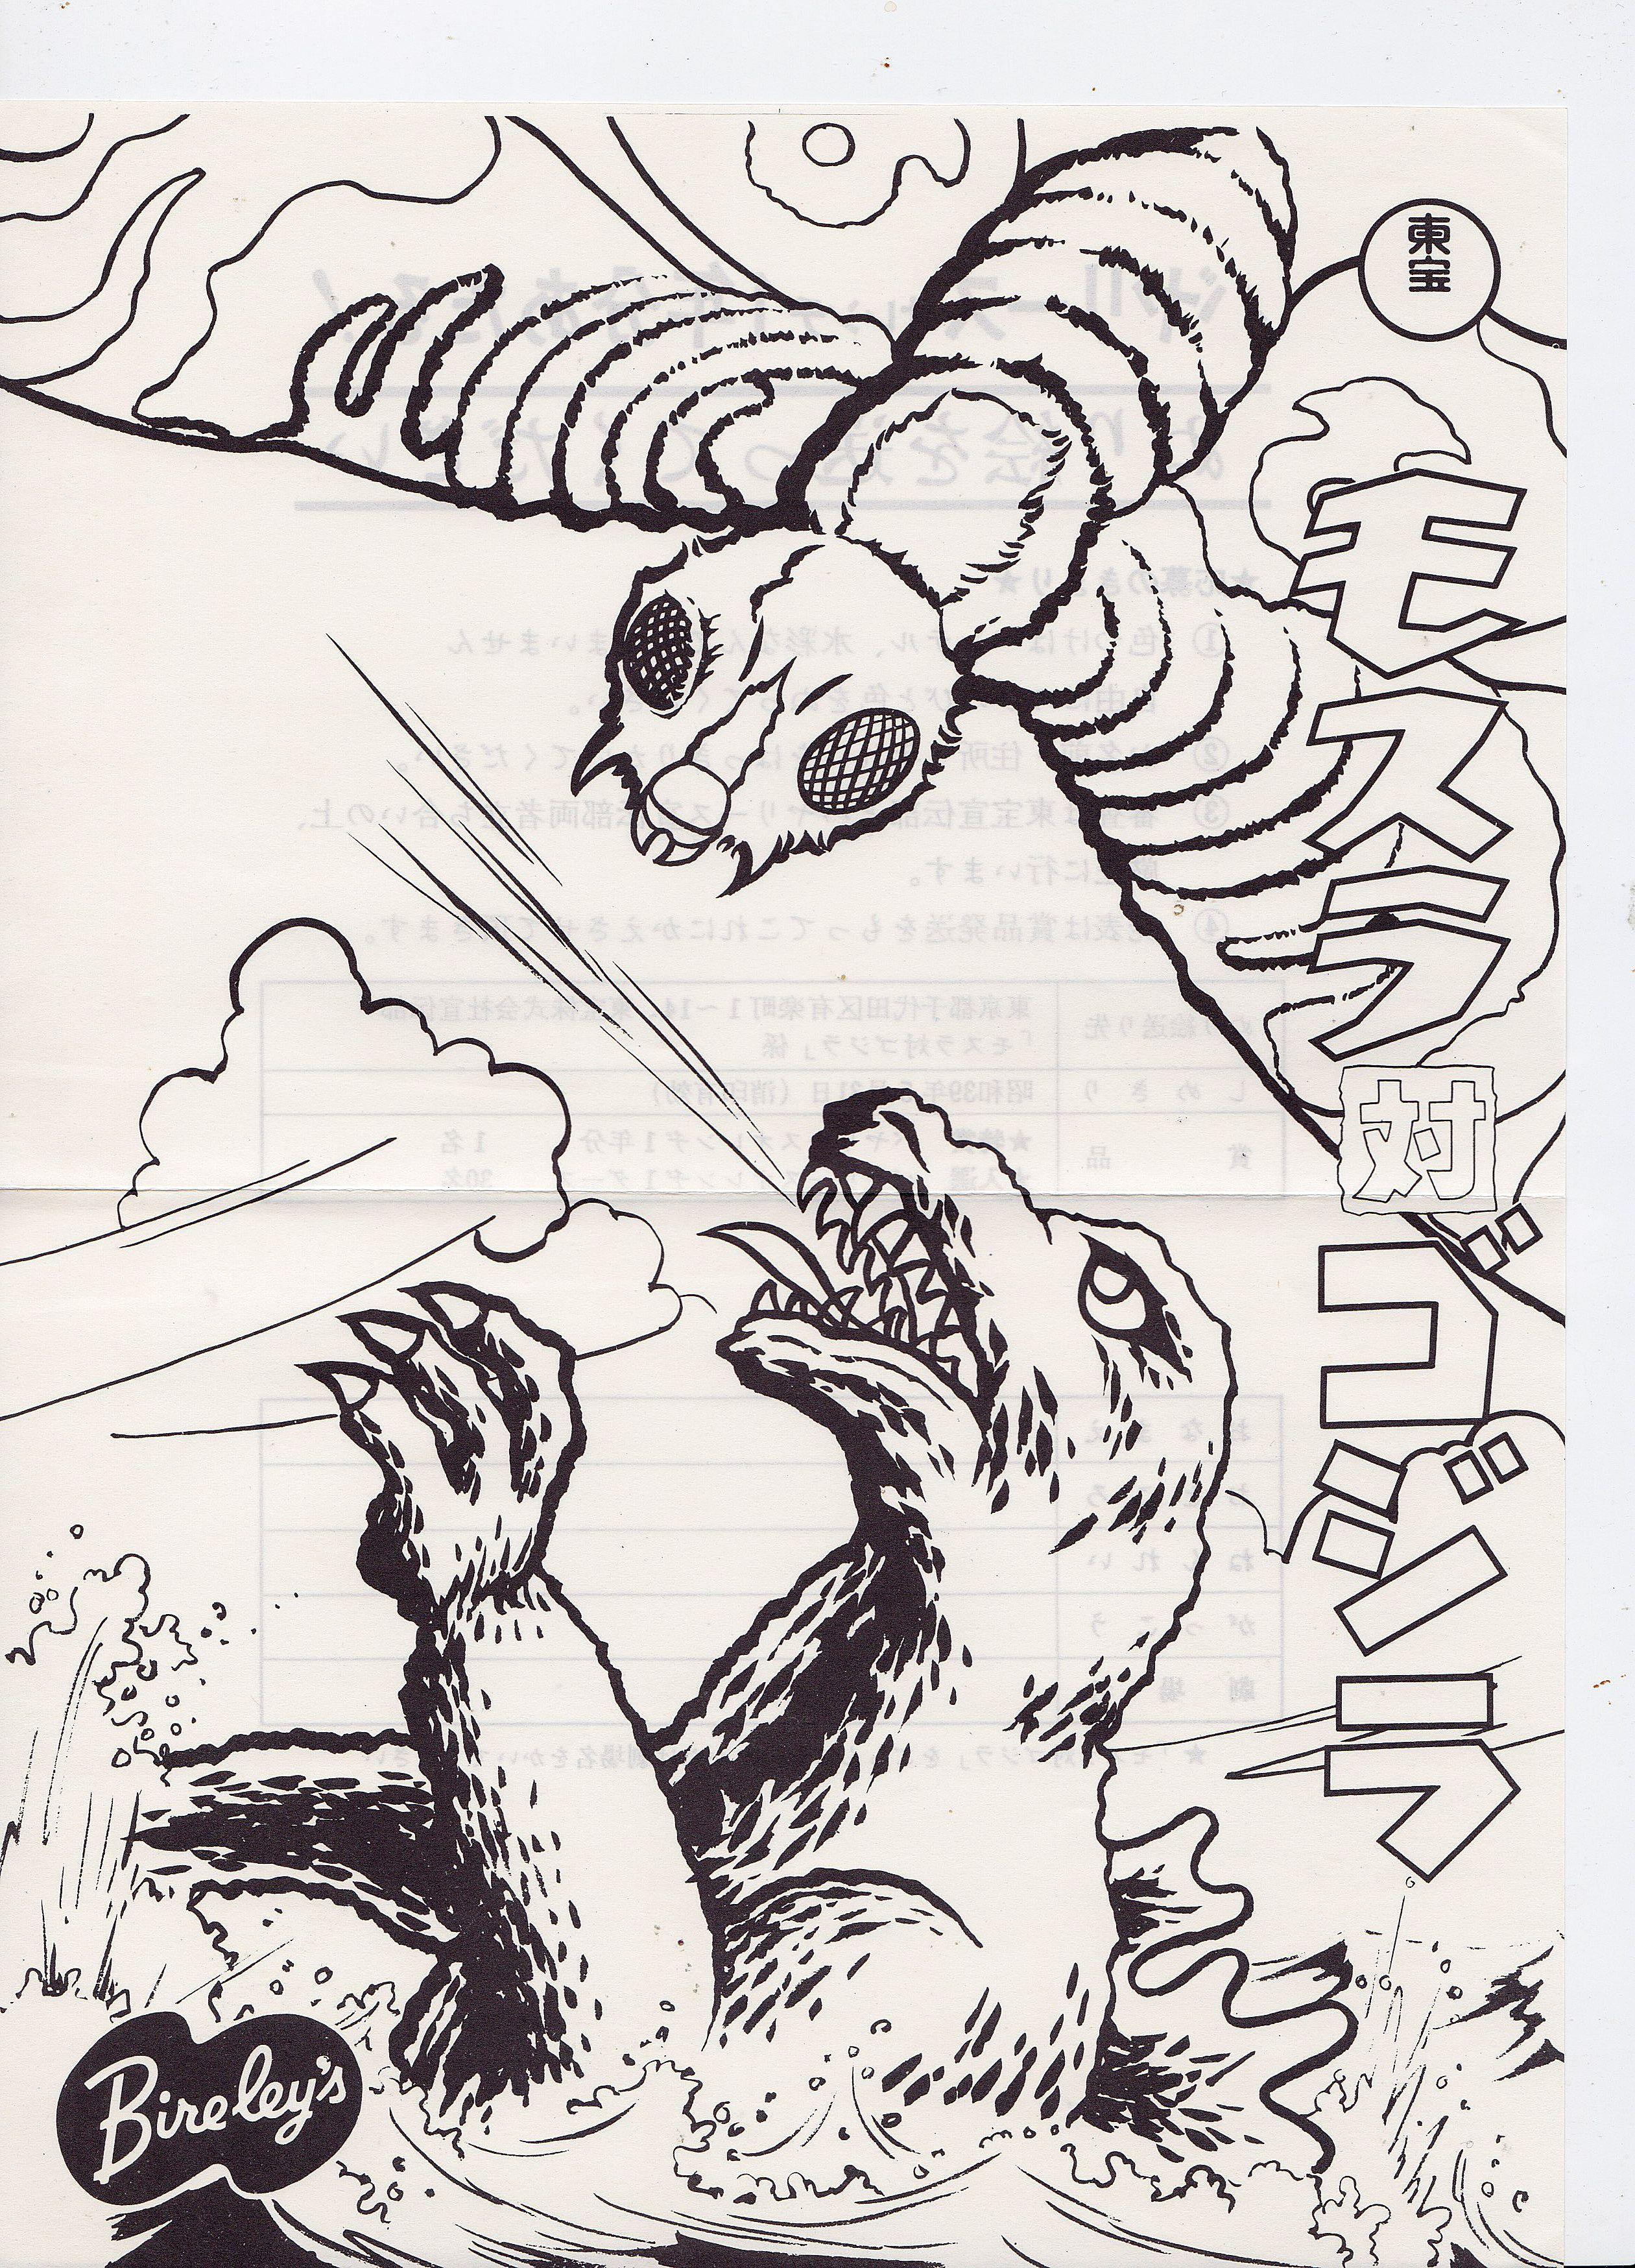 Mothra Vs Godzilla Colouring Page From Bireley S